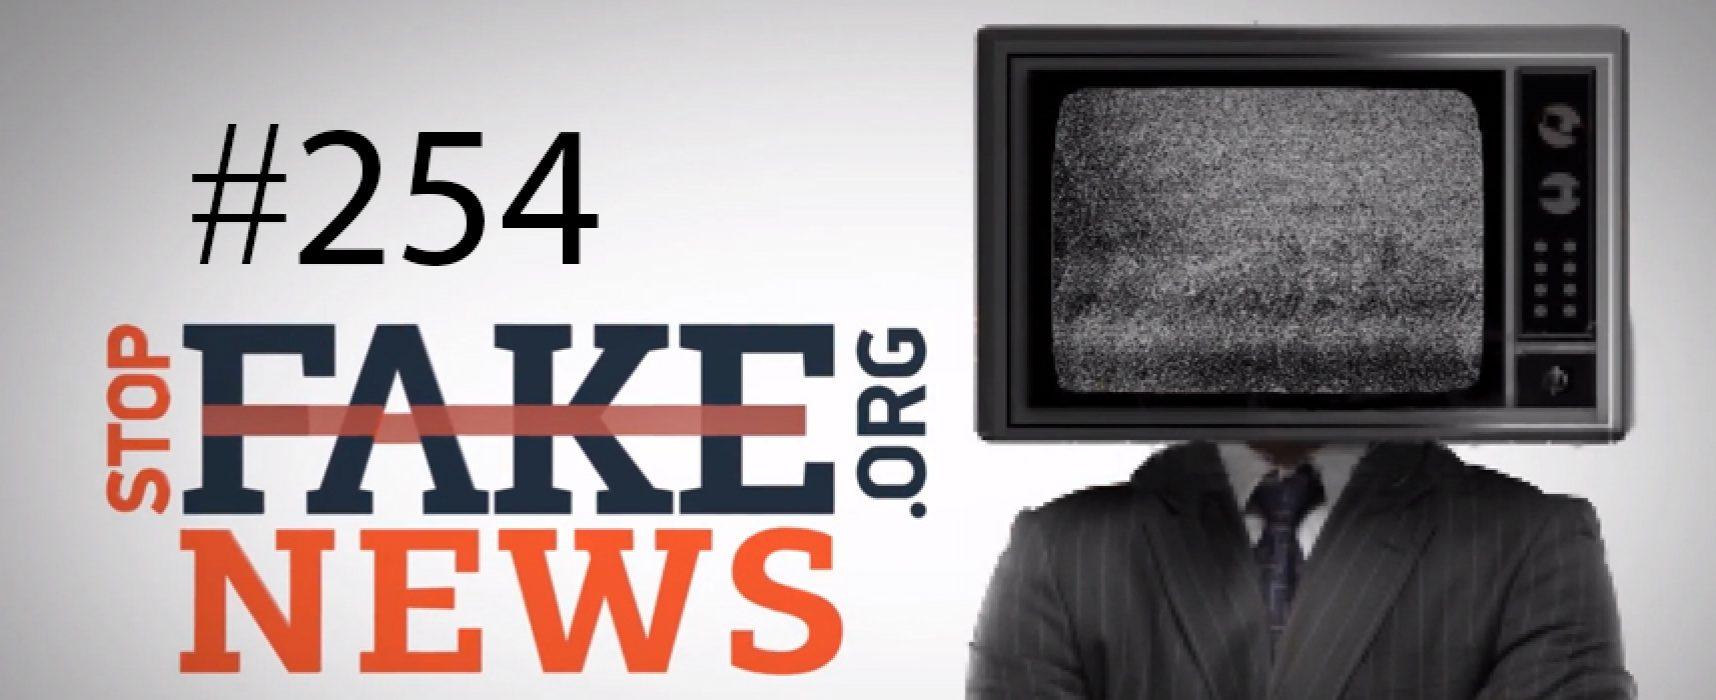 Fake'i przed wyborami prezydenta Ukrainy – SFN #254